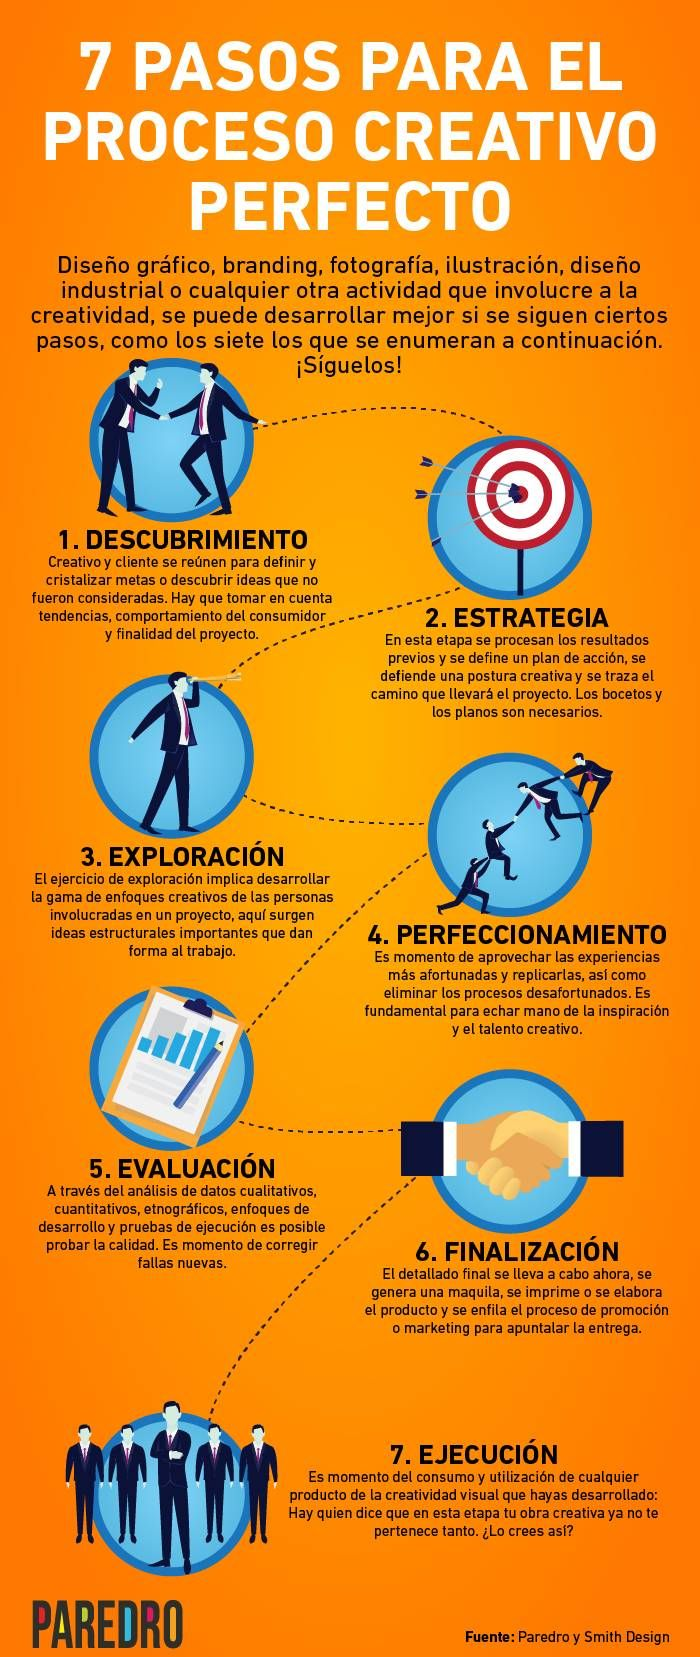 El equipo creativo de Paredro elaboró esta infografía que propone siete pasos y acciones para tener un proceso creativo efectivo.